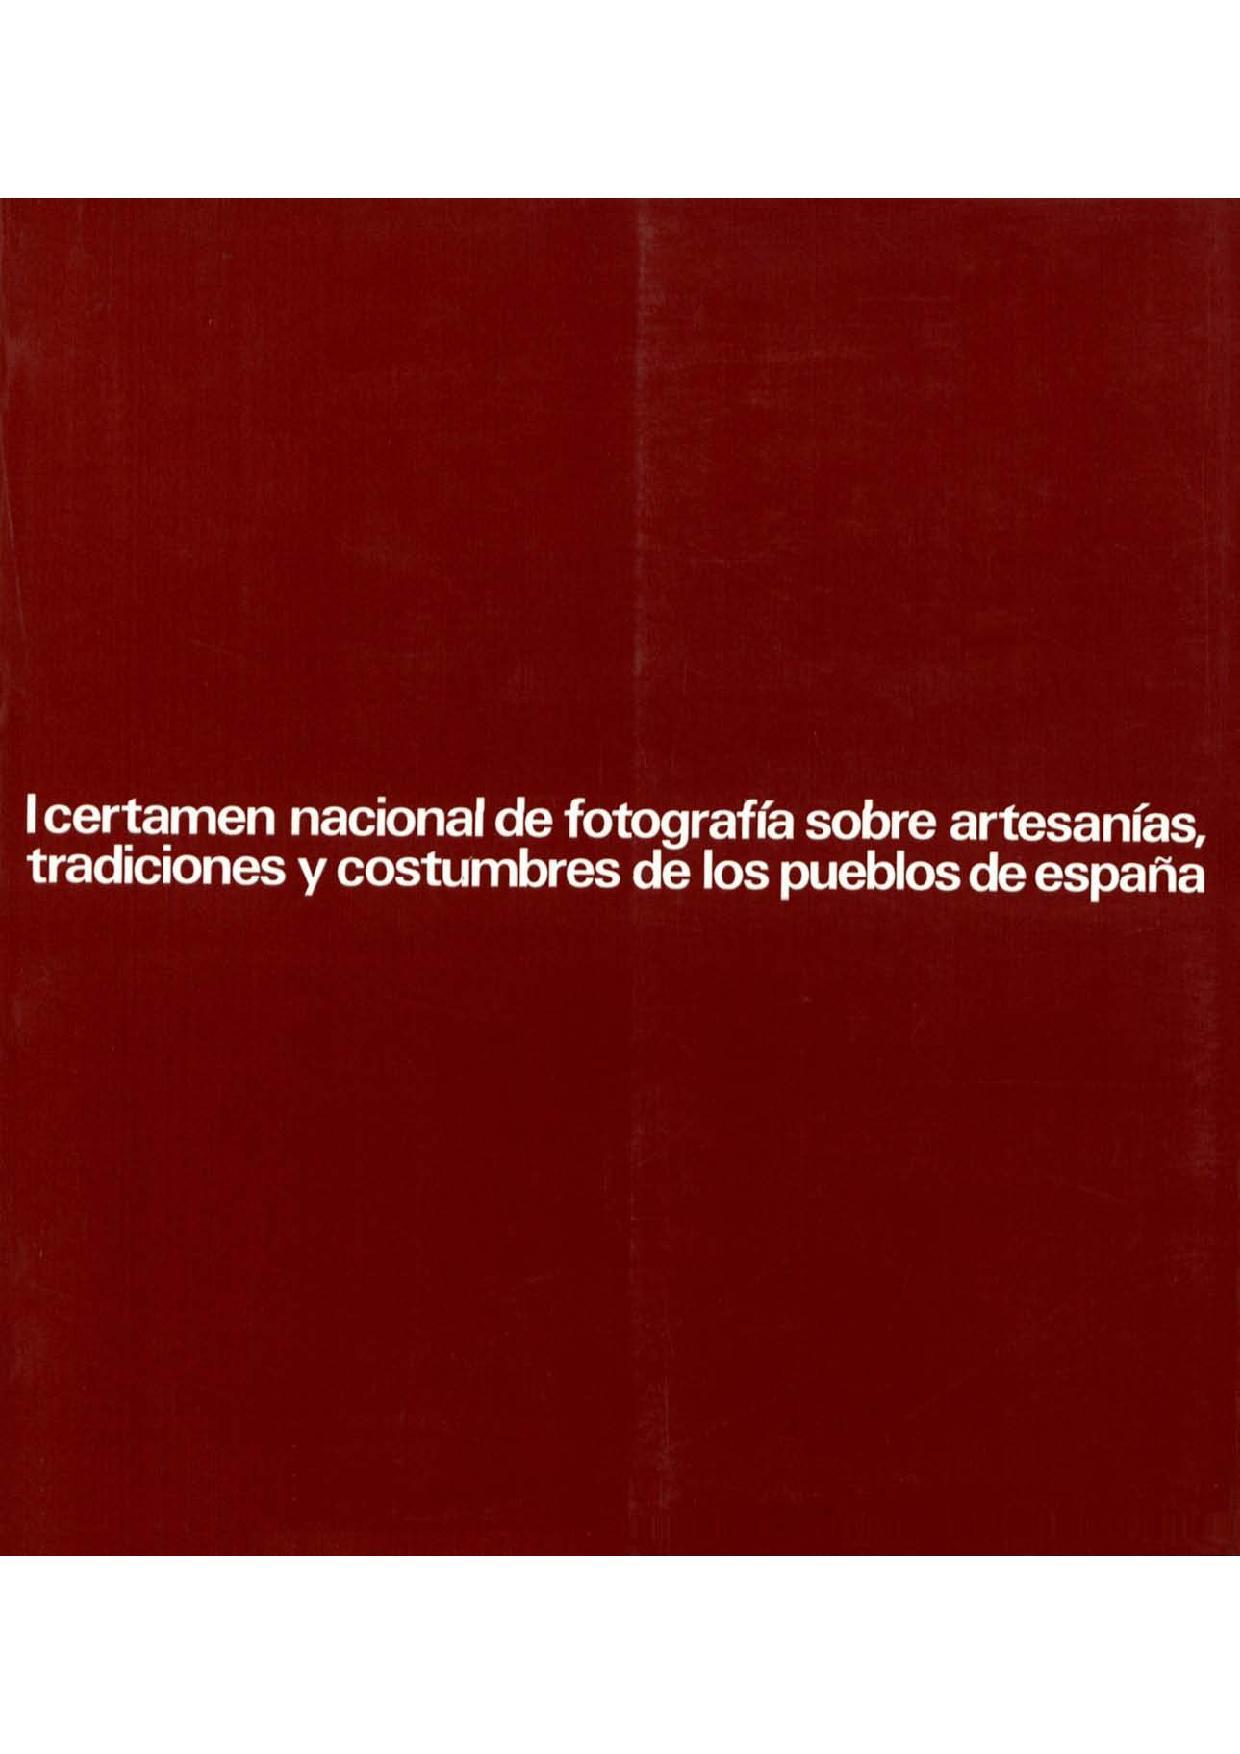 I certamen nacional de fotograf a sobre artesan as for Artesanias de espana